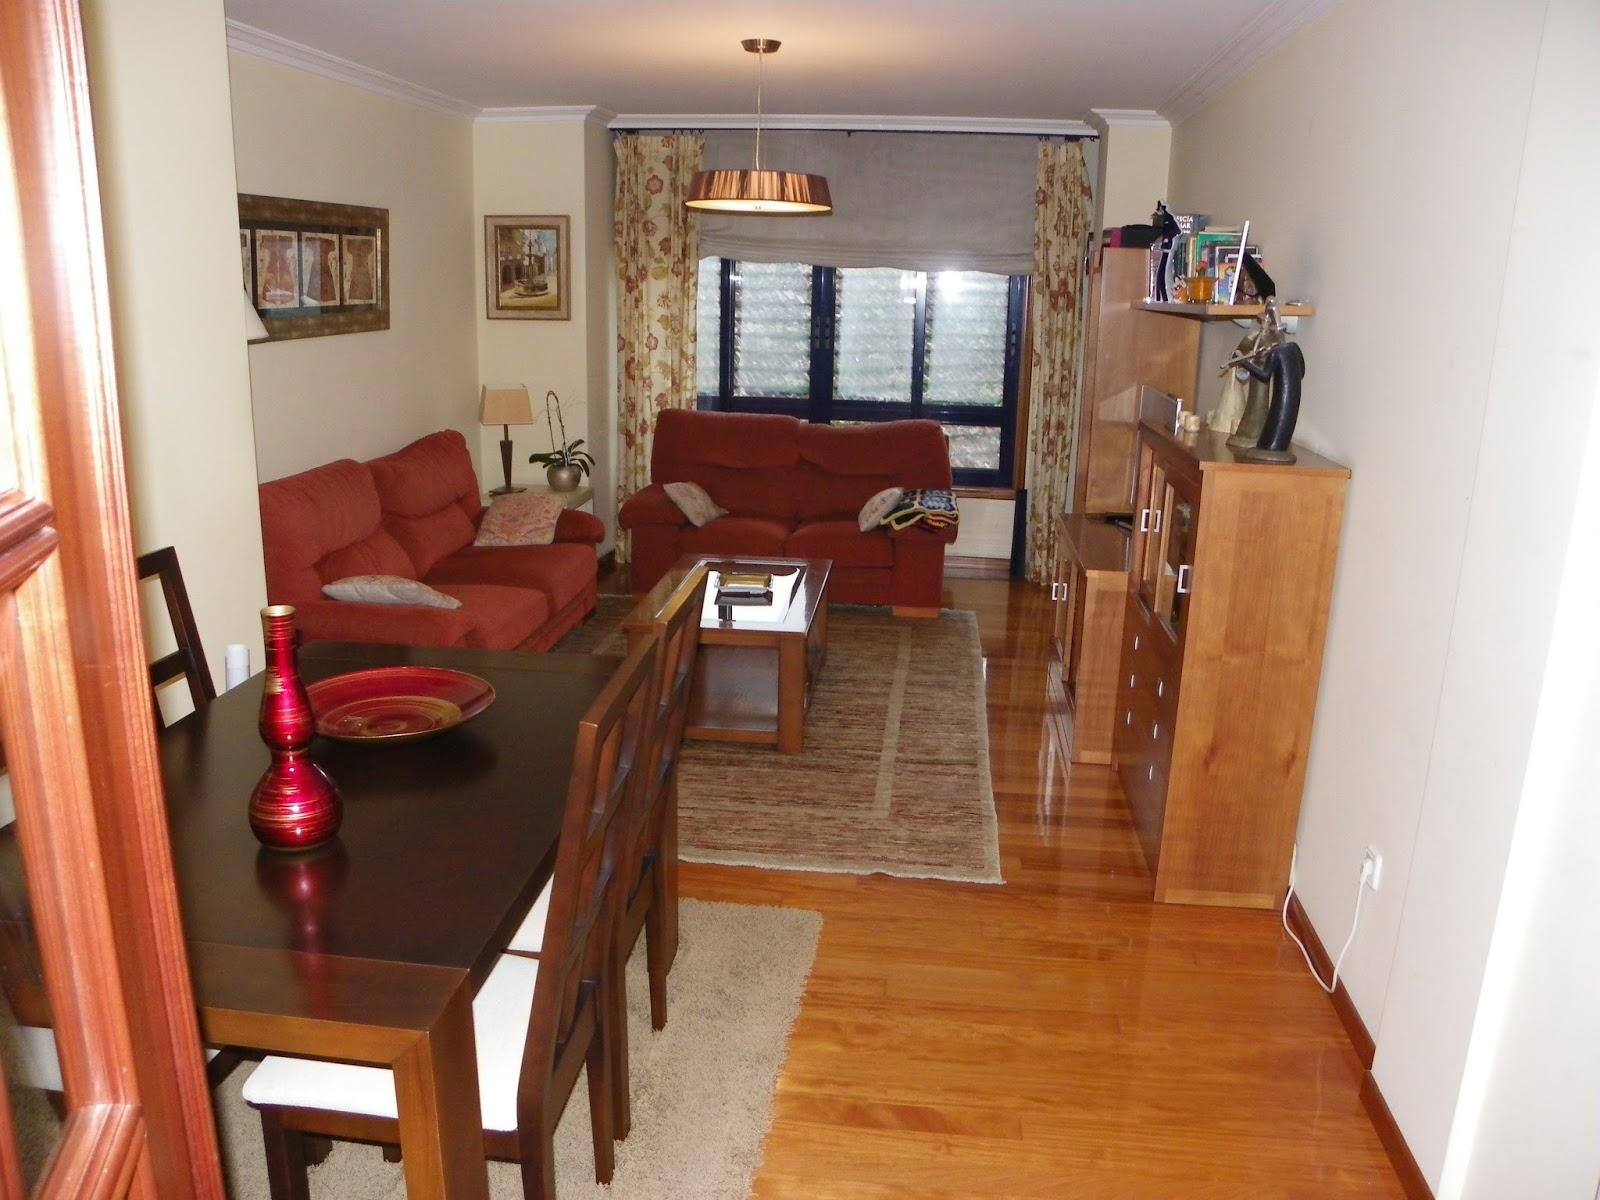 Dorable Muebles De Cocina De Descuento Nj Condado De Monmouth Fotos ...